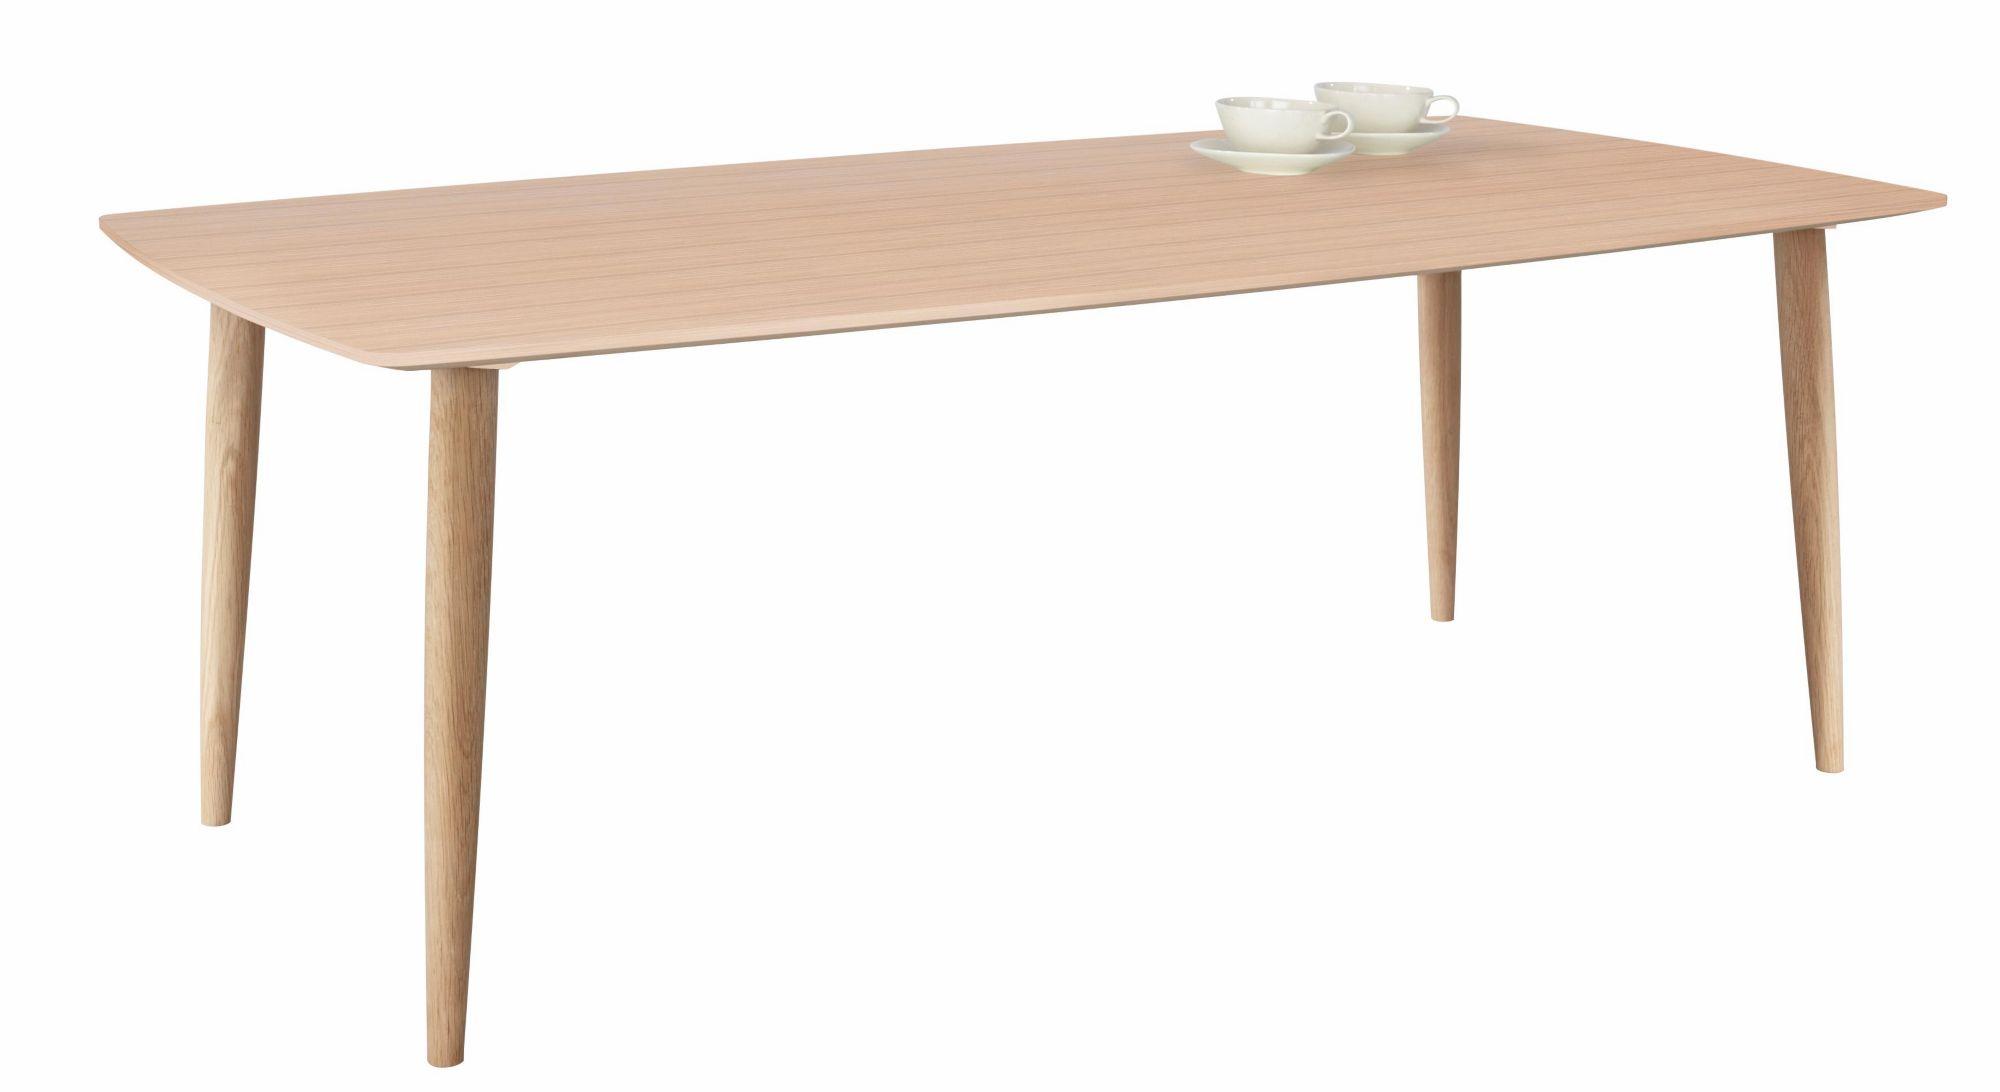 ANDAS andas Couchtisch »Boat«, white oak massiv, Tischplatte in Bootsform